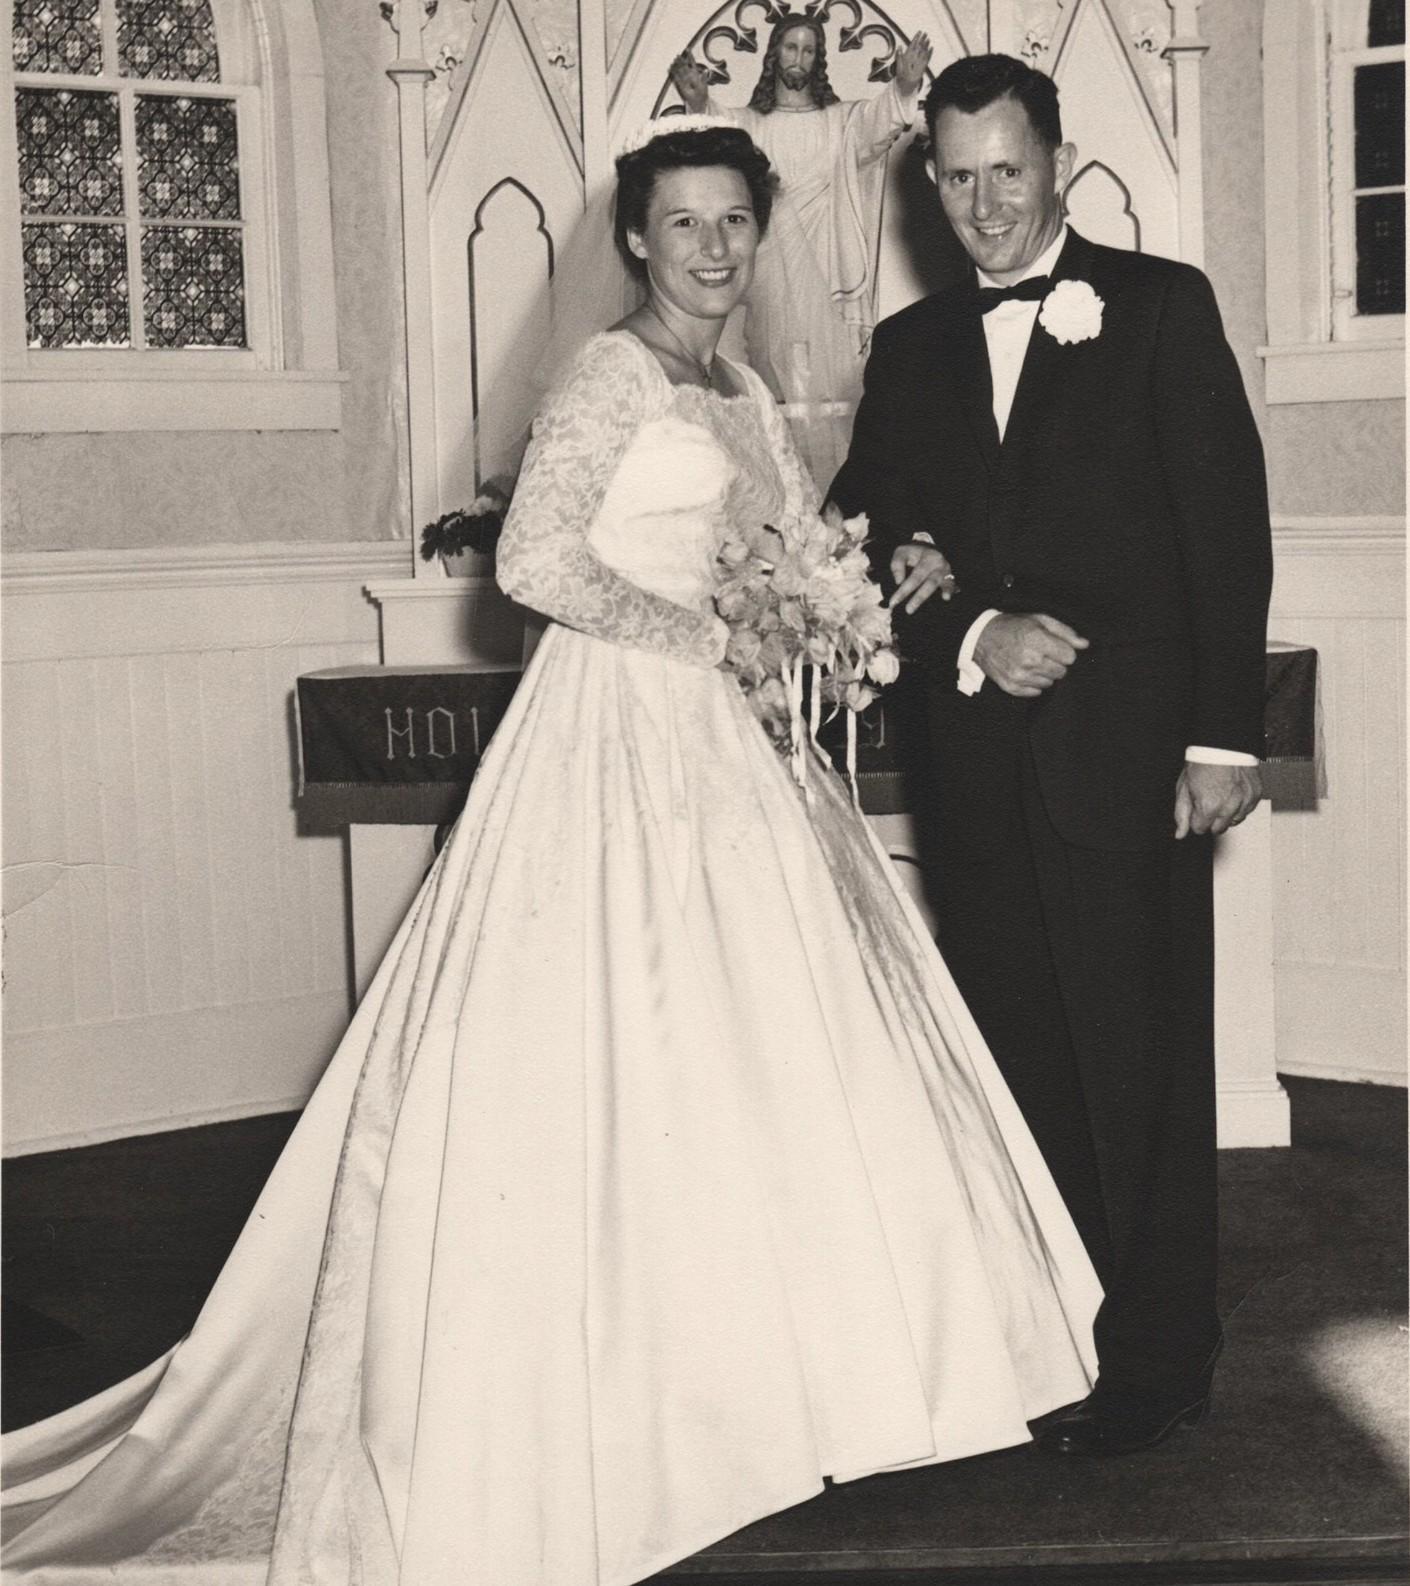 ▲▼夫婦結婚60週年,再度穿上婚禮當天服裝拍攝紀念照(圖/翻攝自instagram/katieautryphotography)